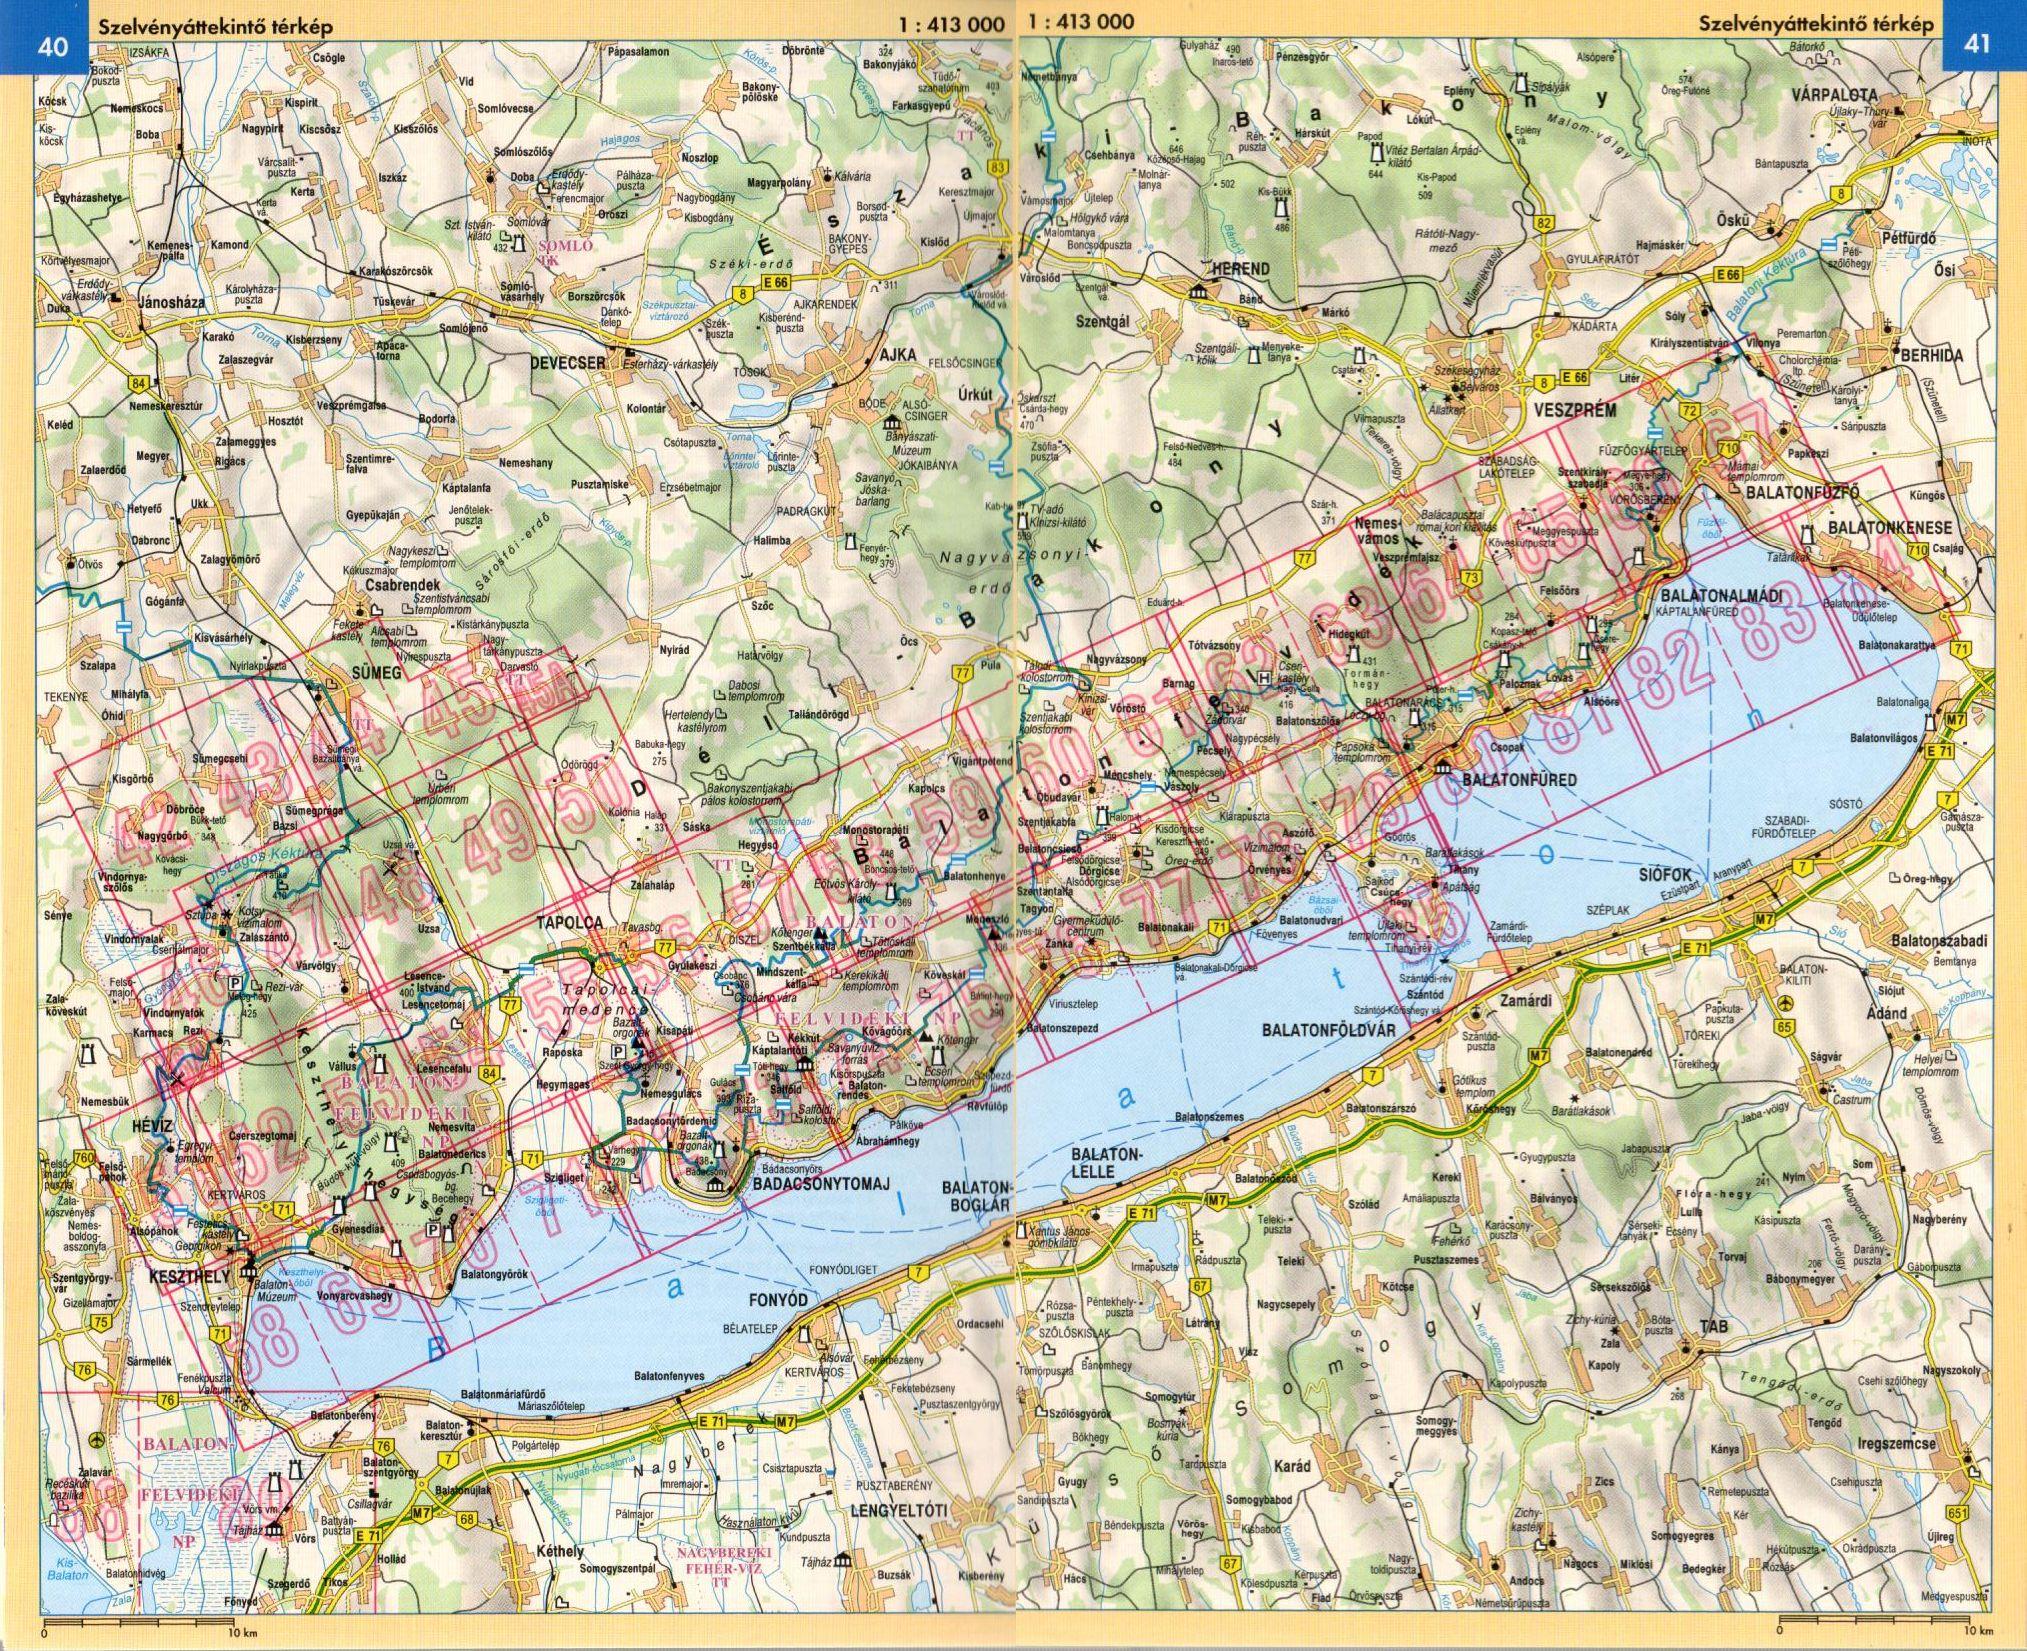 A Balaton, Keszthelyi-hg atlasz áttekintő térképe